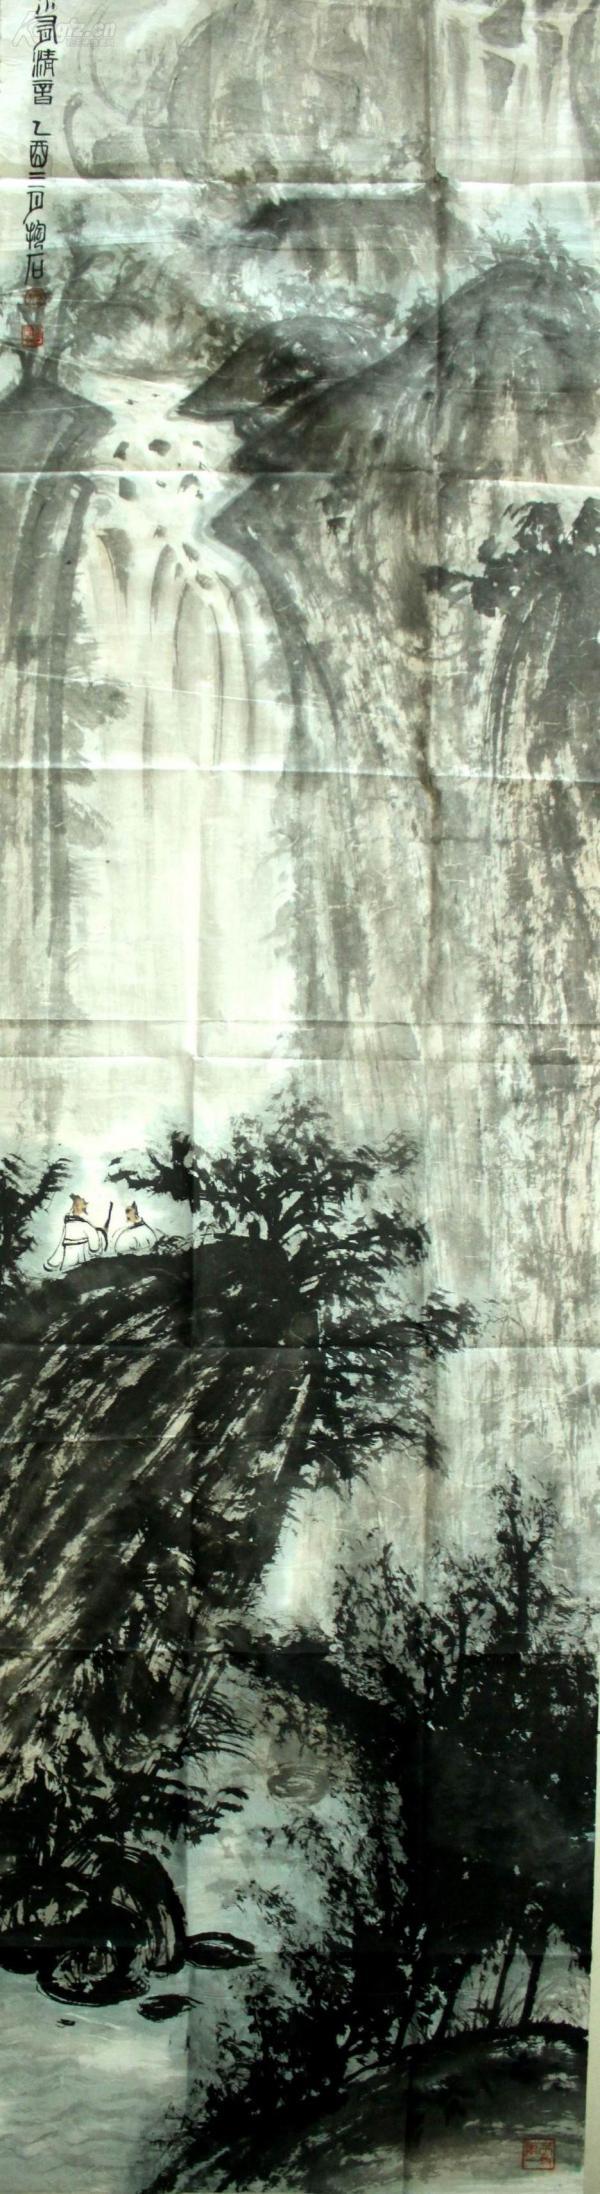 著名畫家--------傅抱石------------專用紙 老畫片《山水有清音》--------100%手繪